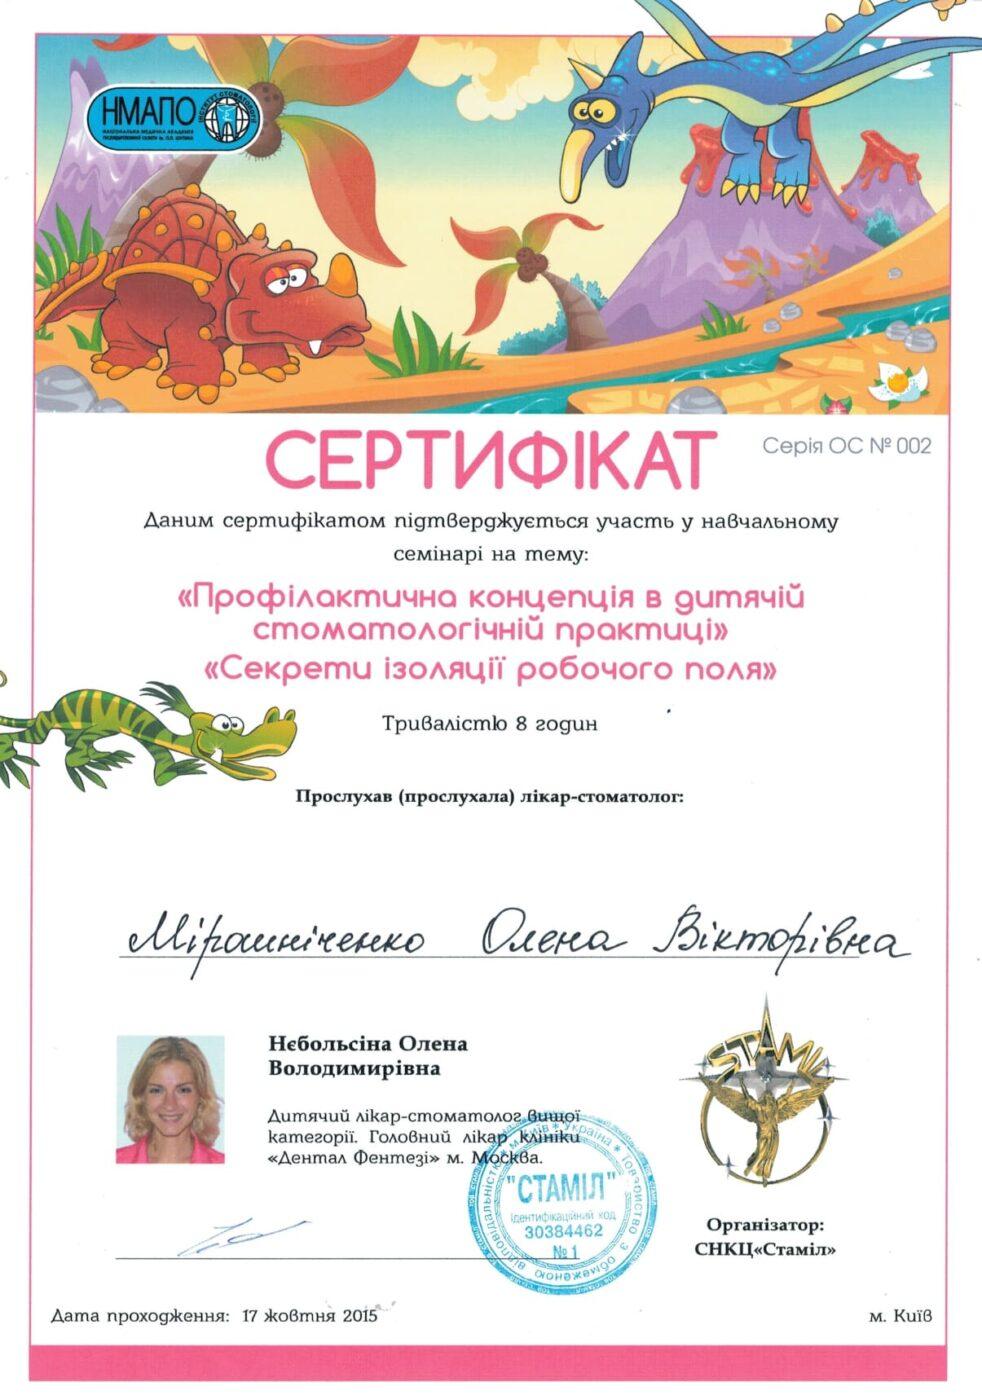 Сертификат подтверждающий участие Алёны Мирошниченко в курсе - Профилактическая концепция в детской стоматологии